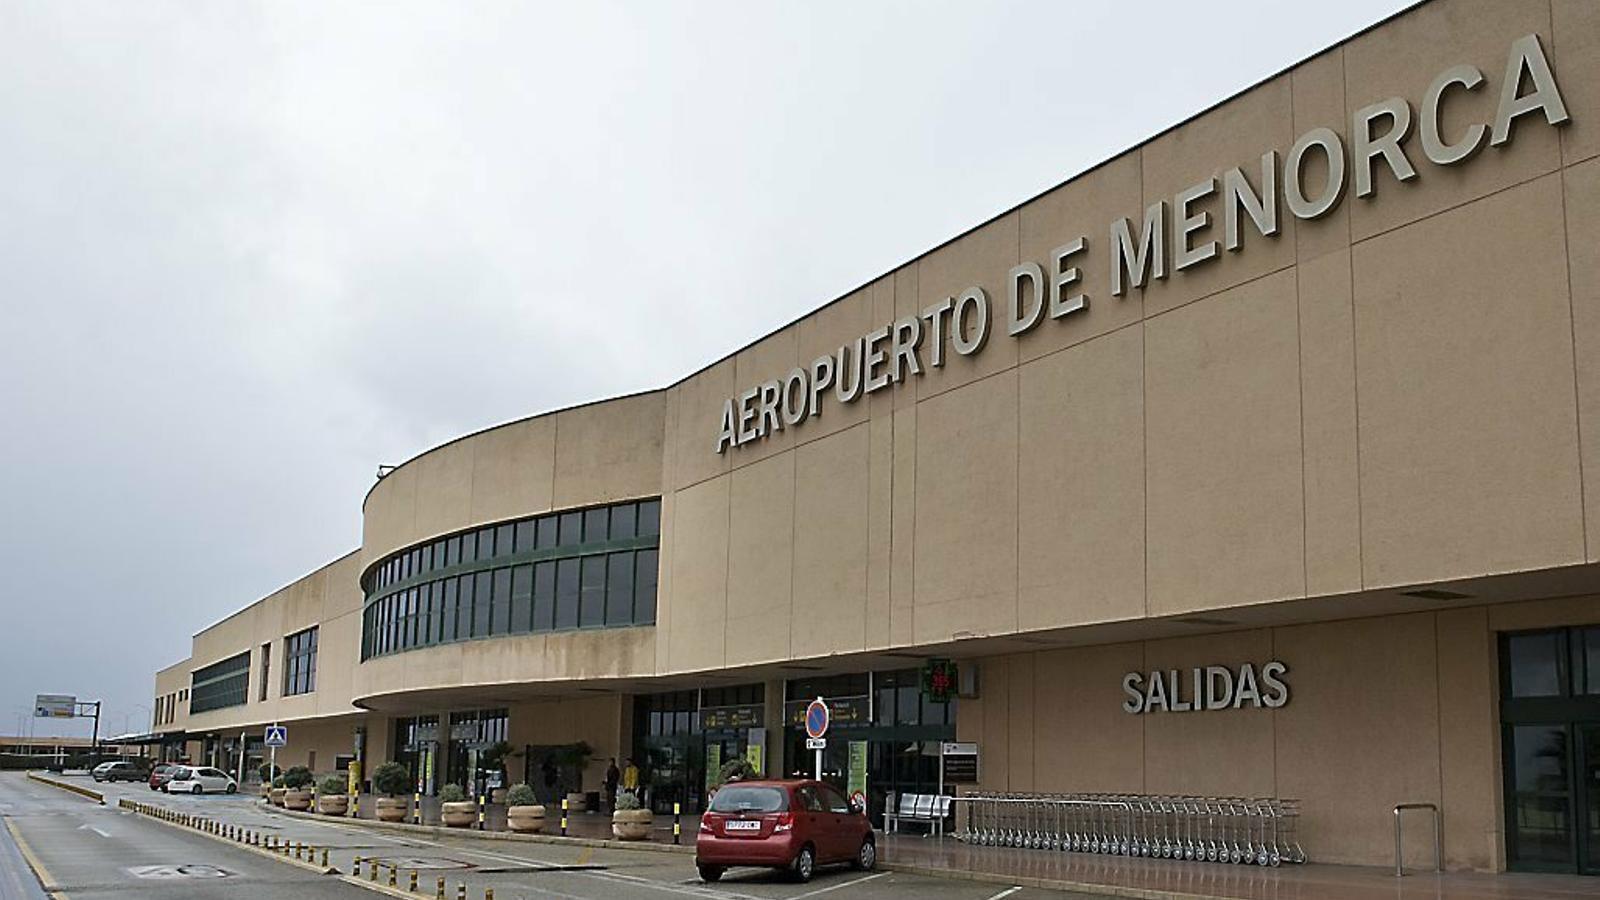 L'aeroport menorquí acollirà el primer sistema de control virtual que s'implantarà a l'Estat espanyol.